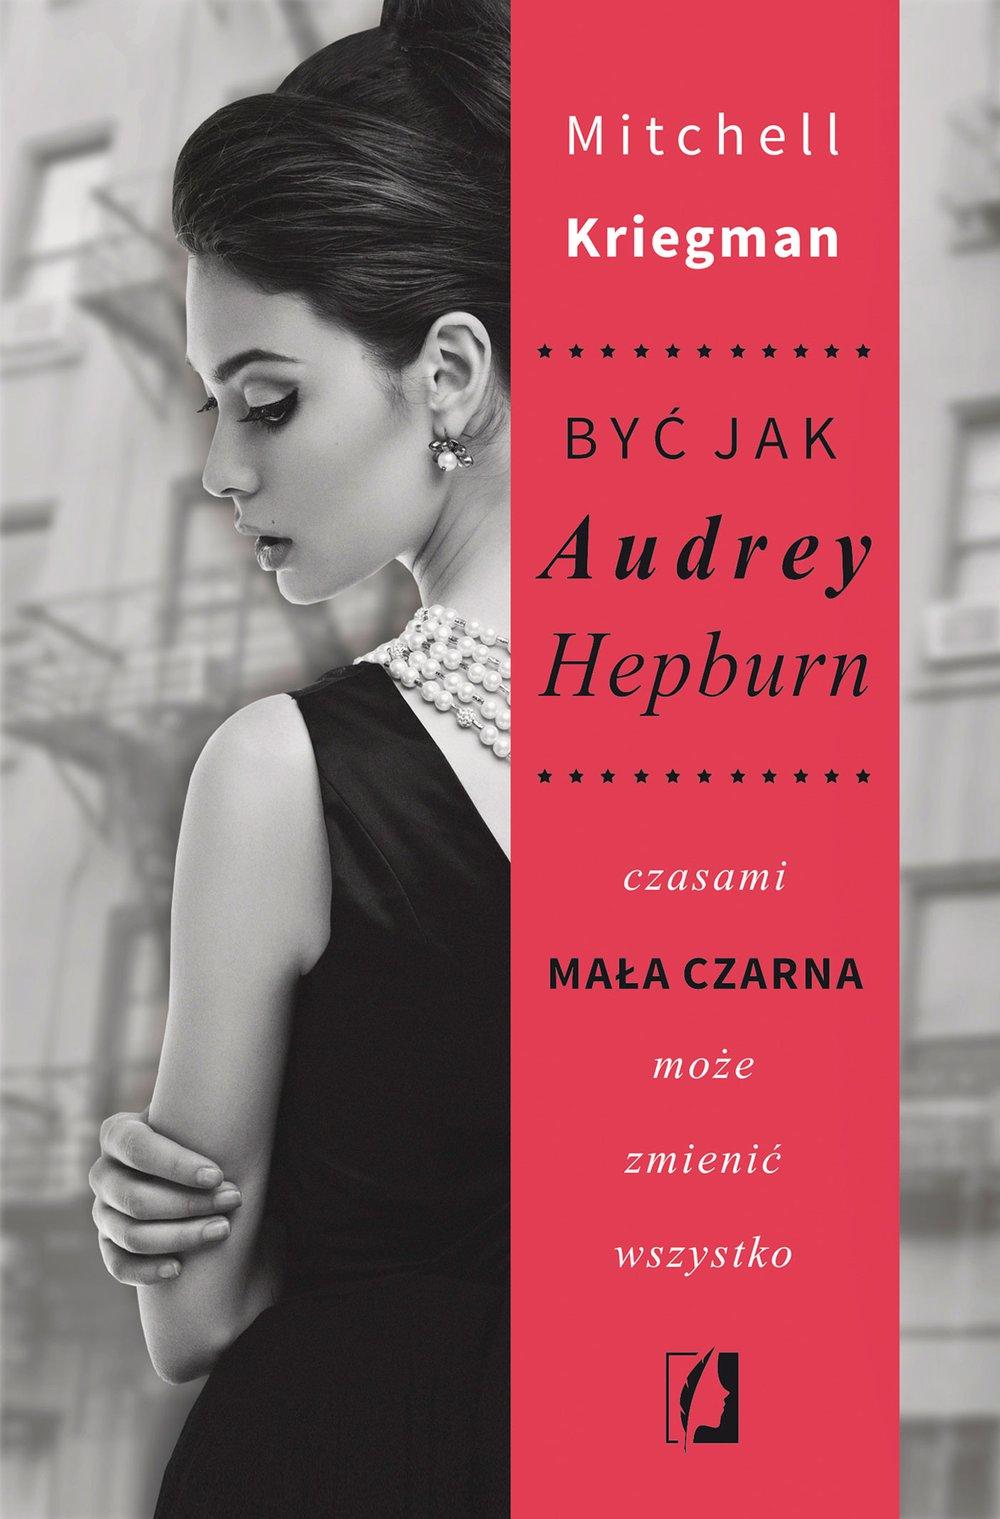 Być jak Audrey Hepburn. Czasami mała czarna może zmienić wszystko - Ebook (Książka EPUB) do pobrania w formacie EPUB